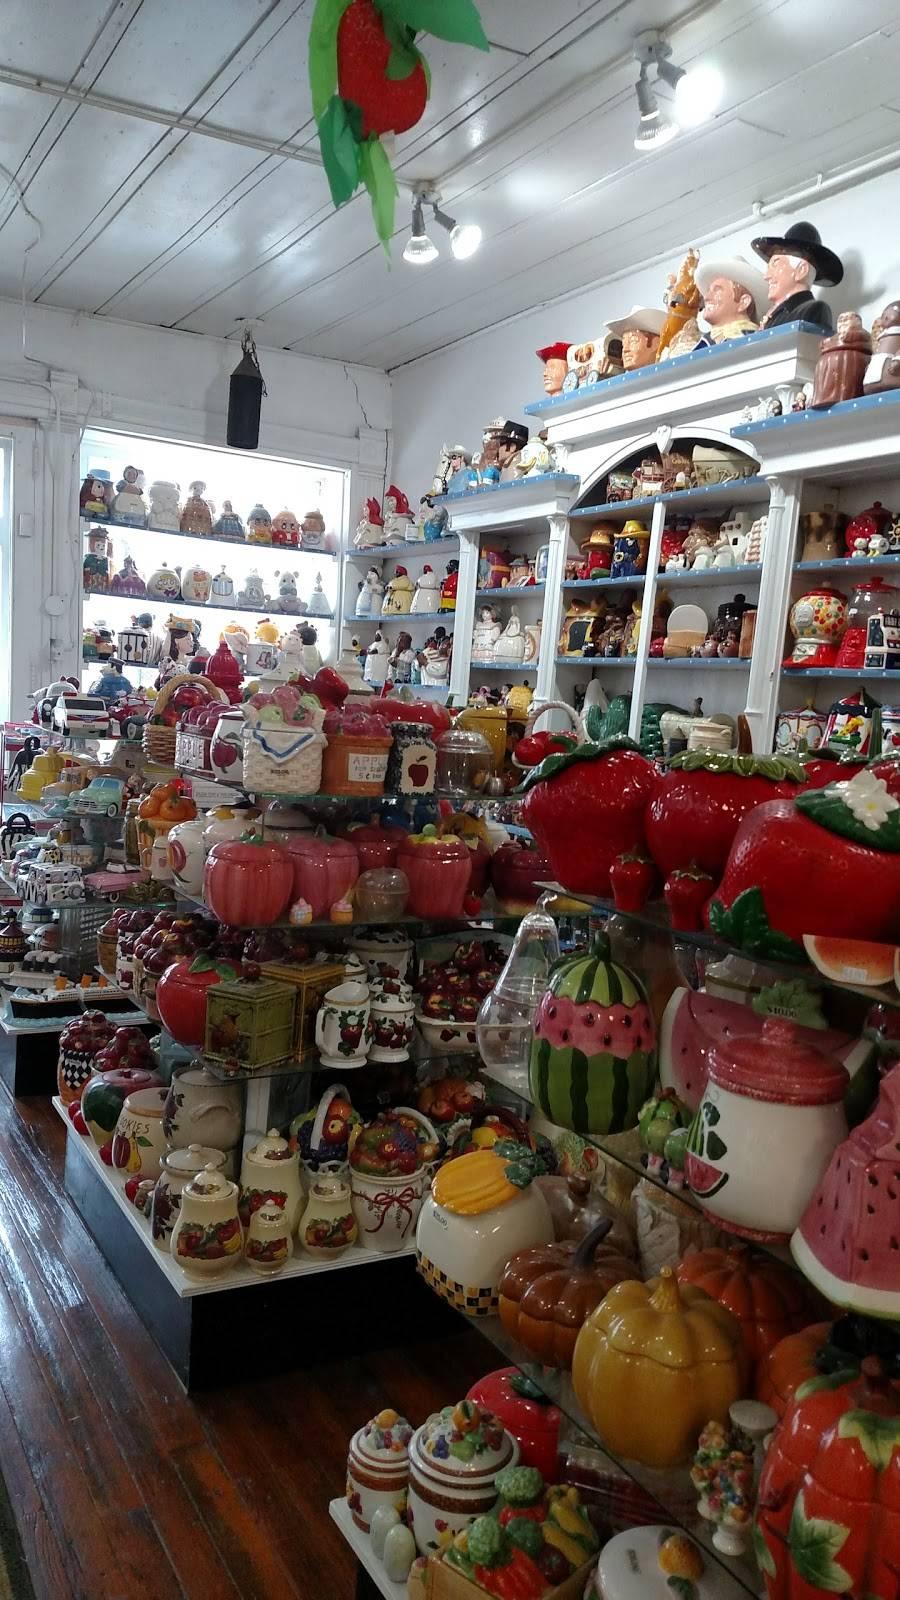 Grannies Cookie Jars & Ice   restaurant   19041 Lovers Ln, Metamora, IN 47030, USA   7656471966 OR +1 765-647-1966